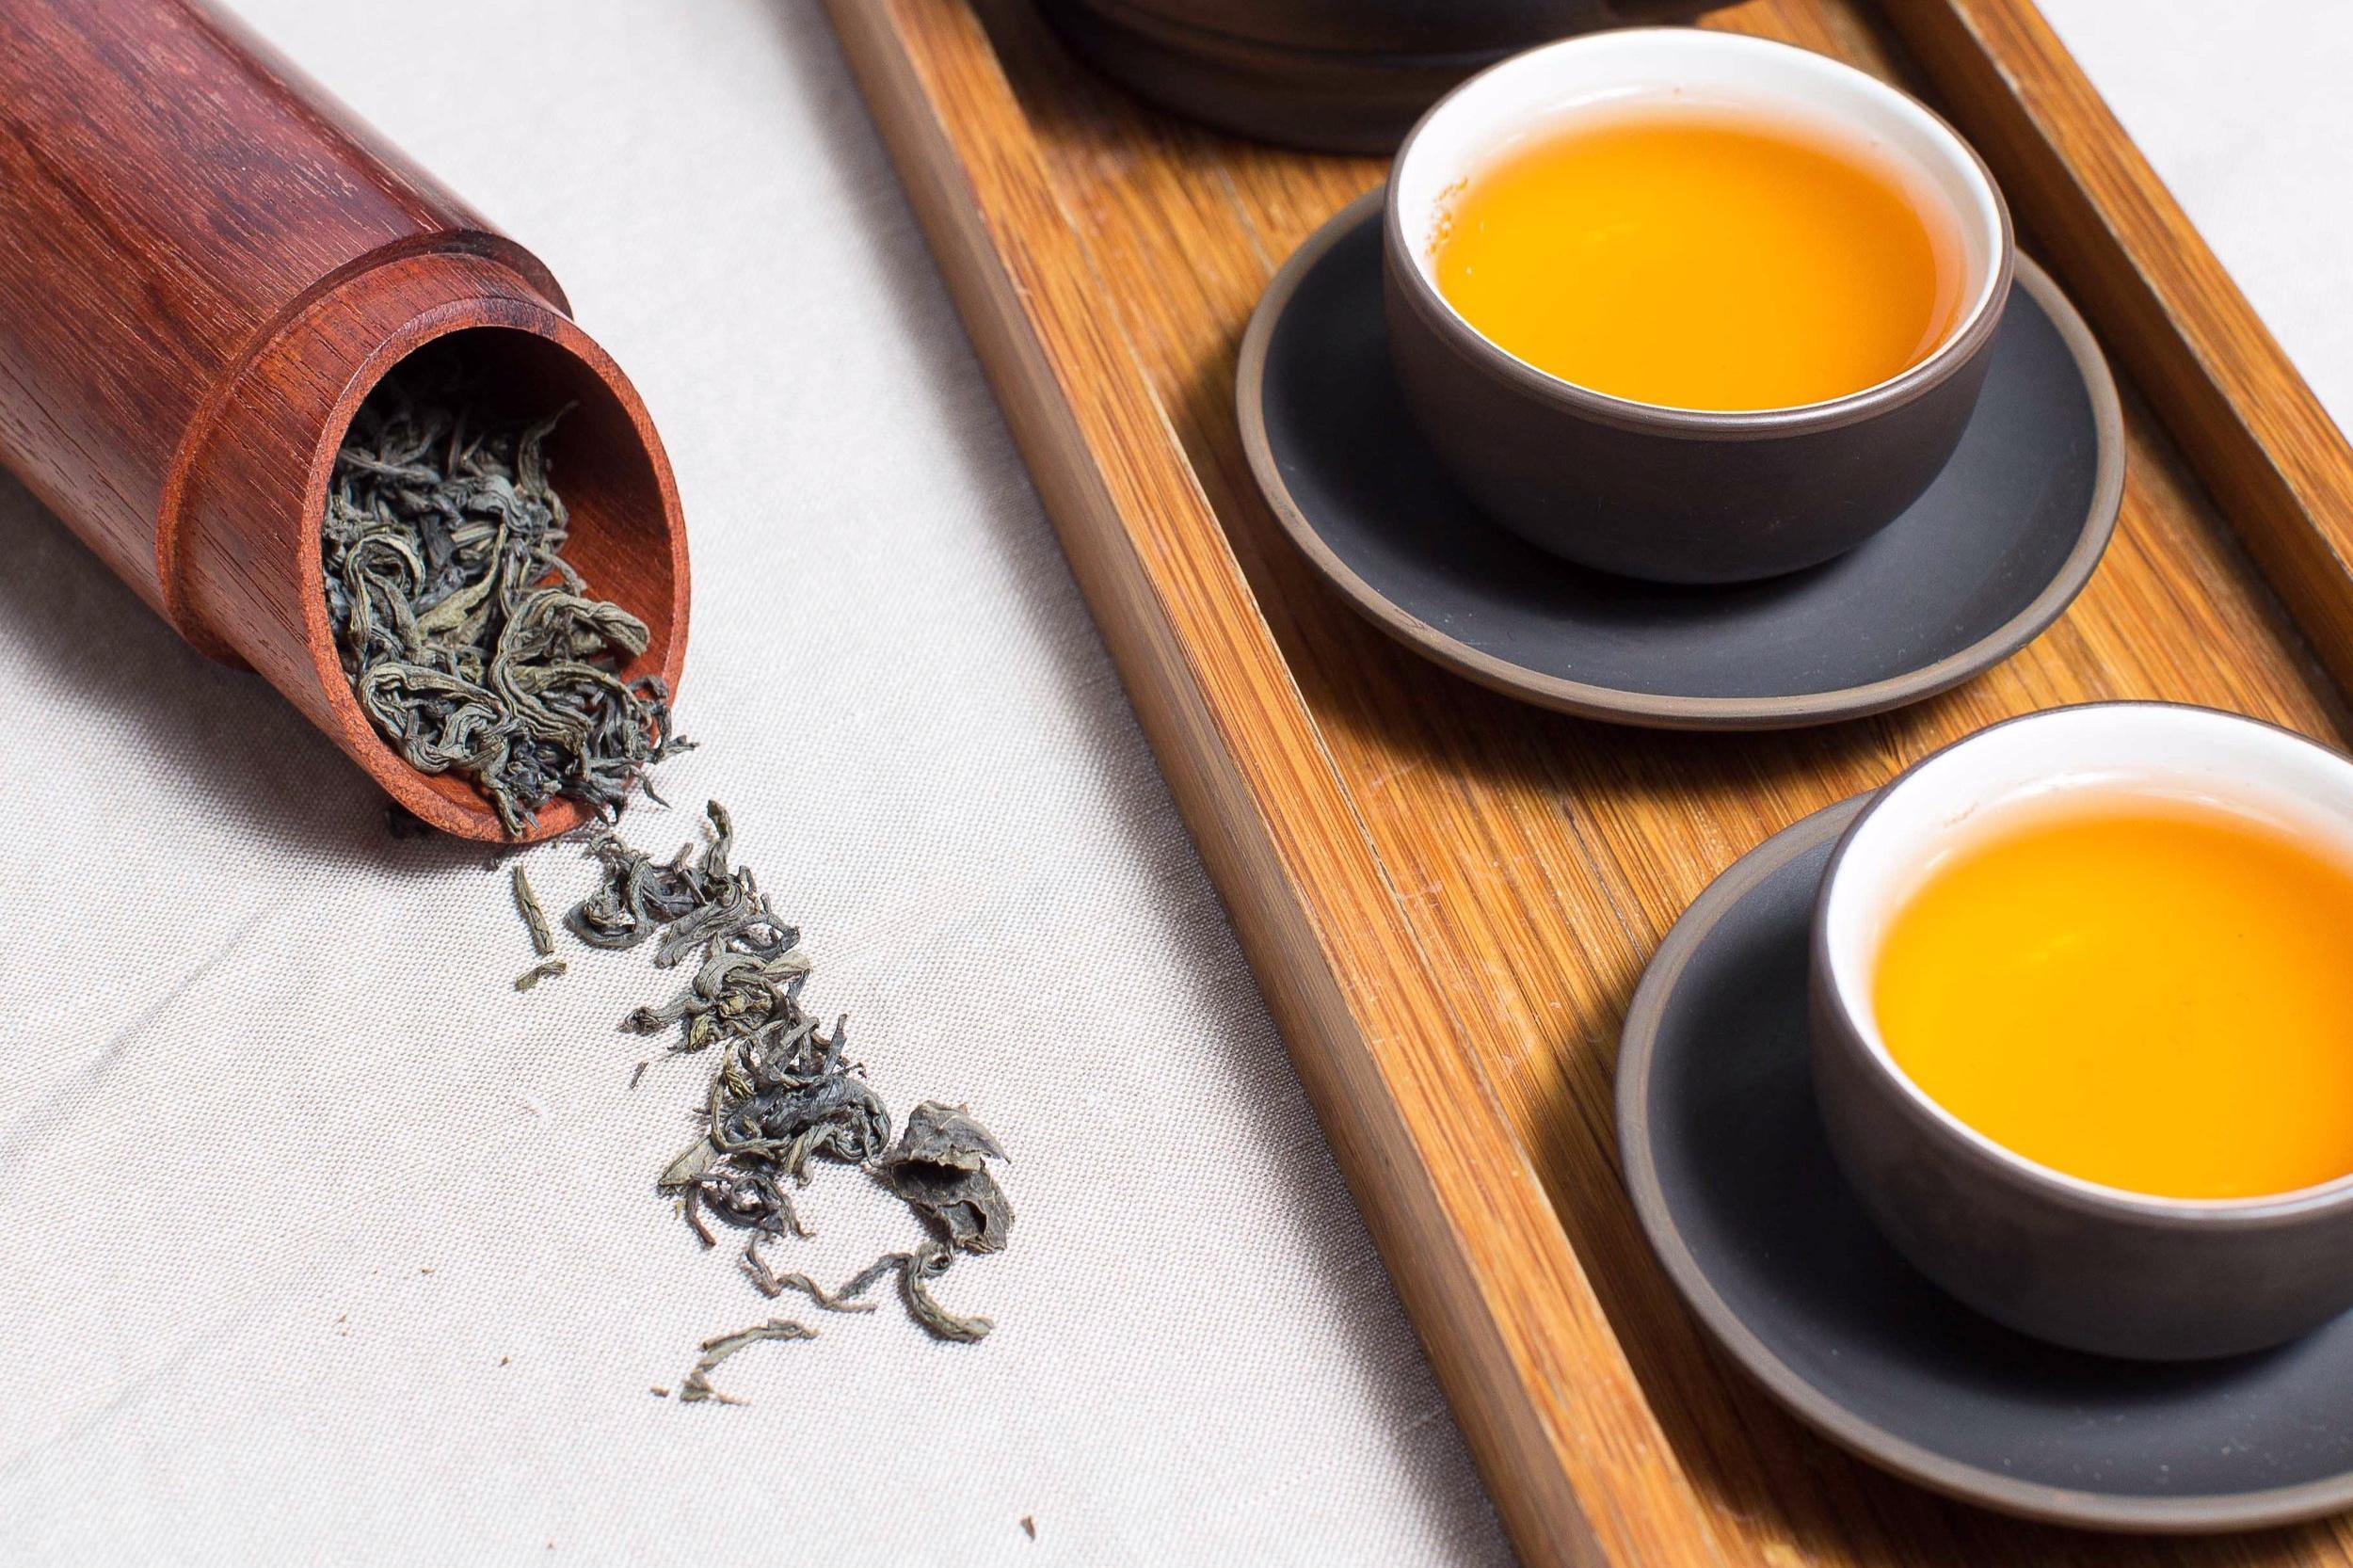 Le thé Darjeeling - Premier souvenir de thé d'Elodie, le Darjeeling, baptisé « champagne du thé » avec ses notes réconfortantes d'amande et son amertume, la replonge en enfance.En parfumerie, quelques feuilles de thé d'Inde aux notes aromatiques et fumées ajoutent originalité et puissance à une fragrance. Sublimant souvent les parfums orientaux ou boisés, la note de thé noir met en valeur les facettes de tabac et de cuir.